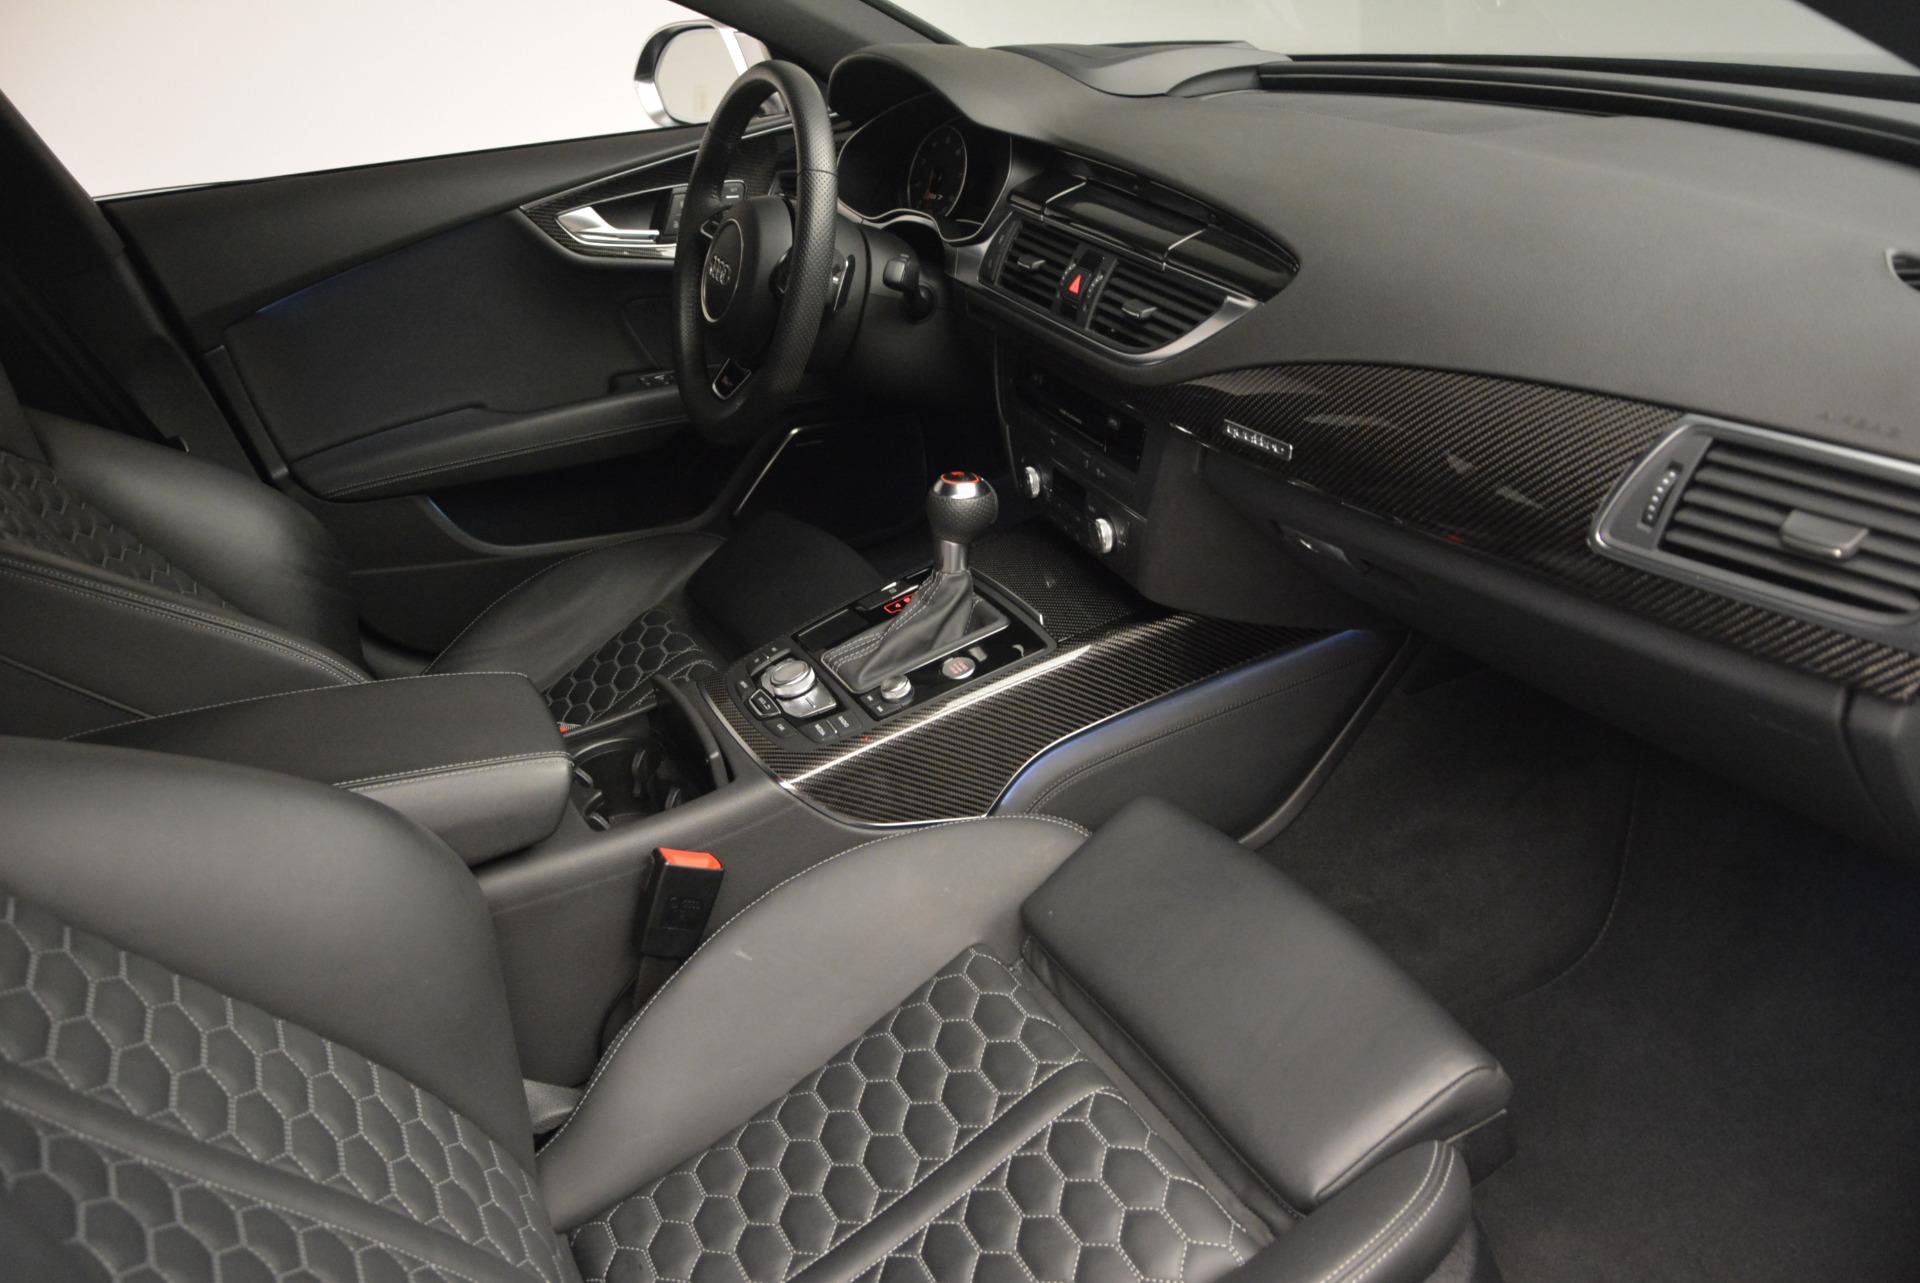 Used 2014 Audi RS 7 4.0T quattro Prestige For Sale In Westport, CT 707_p23